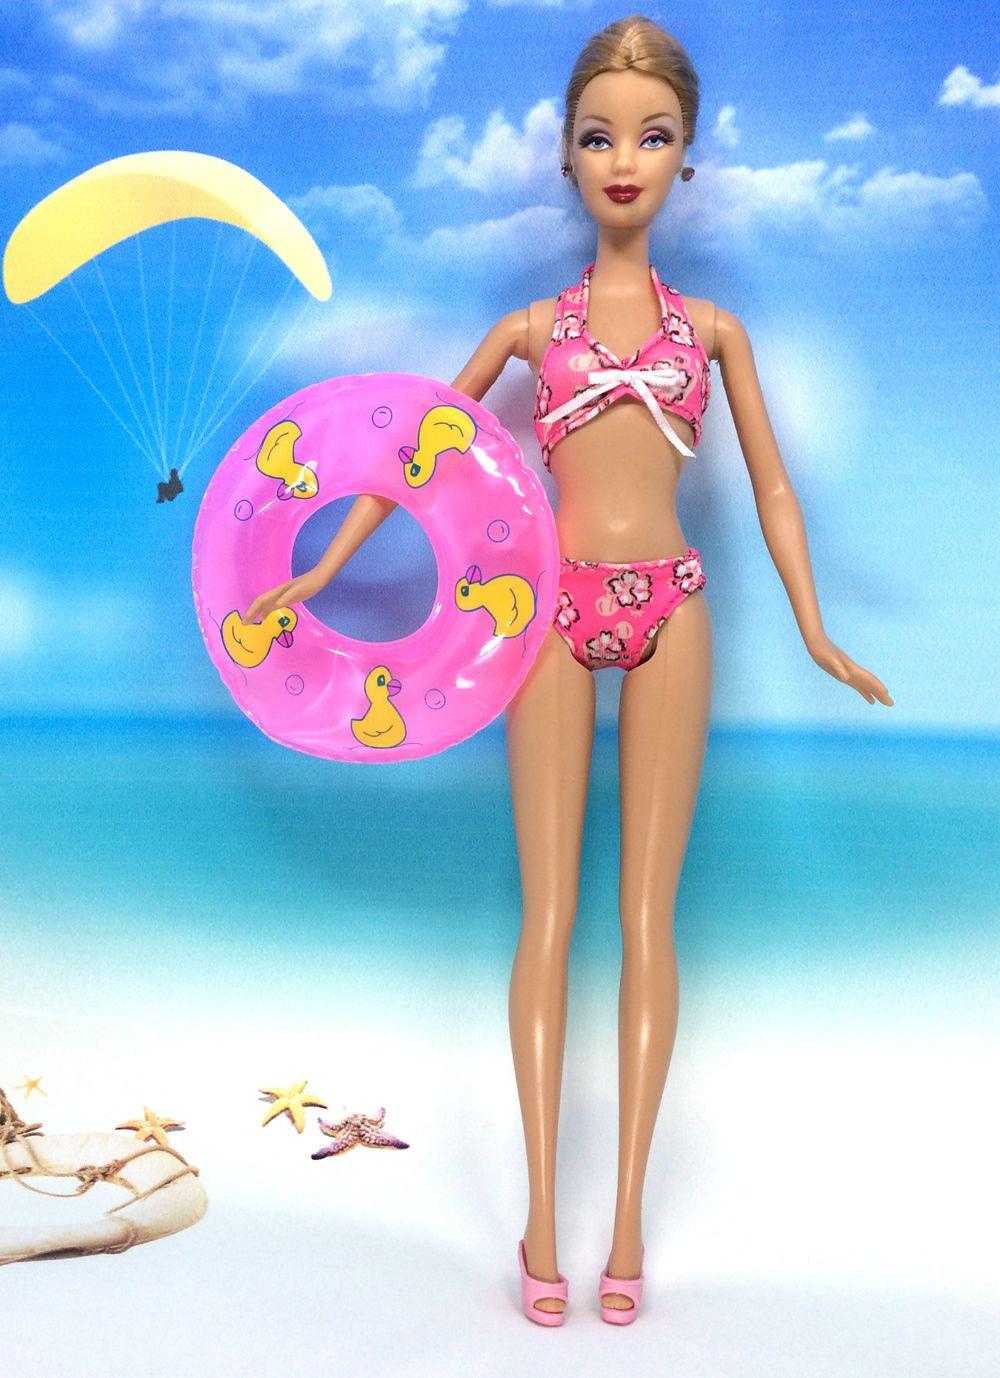 Nk un set swimwear beach costume da bagno costume da bagno + pantofole nuoto boa anello salvagente per barbie doll accessori migliore regalo della ragazza'